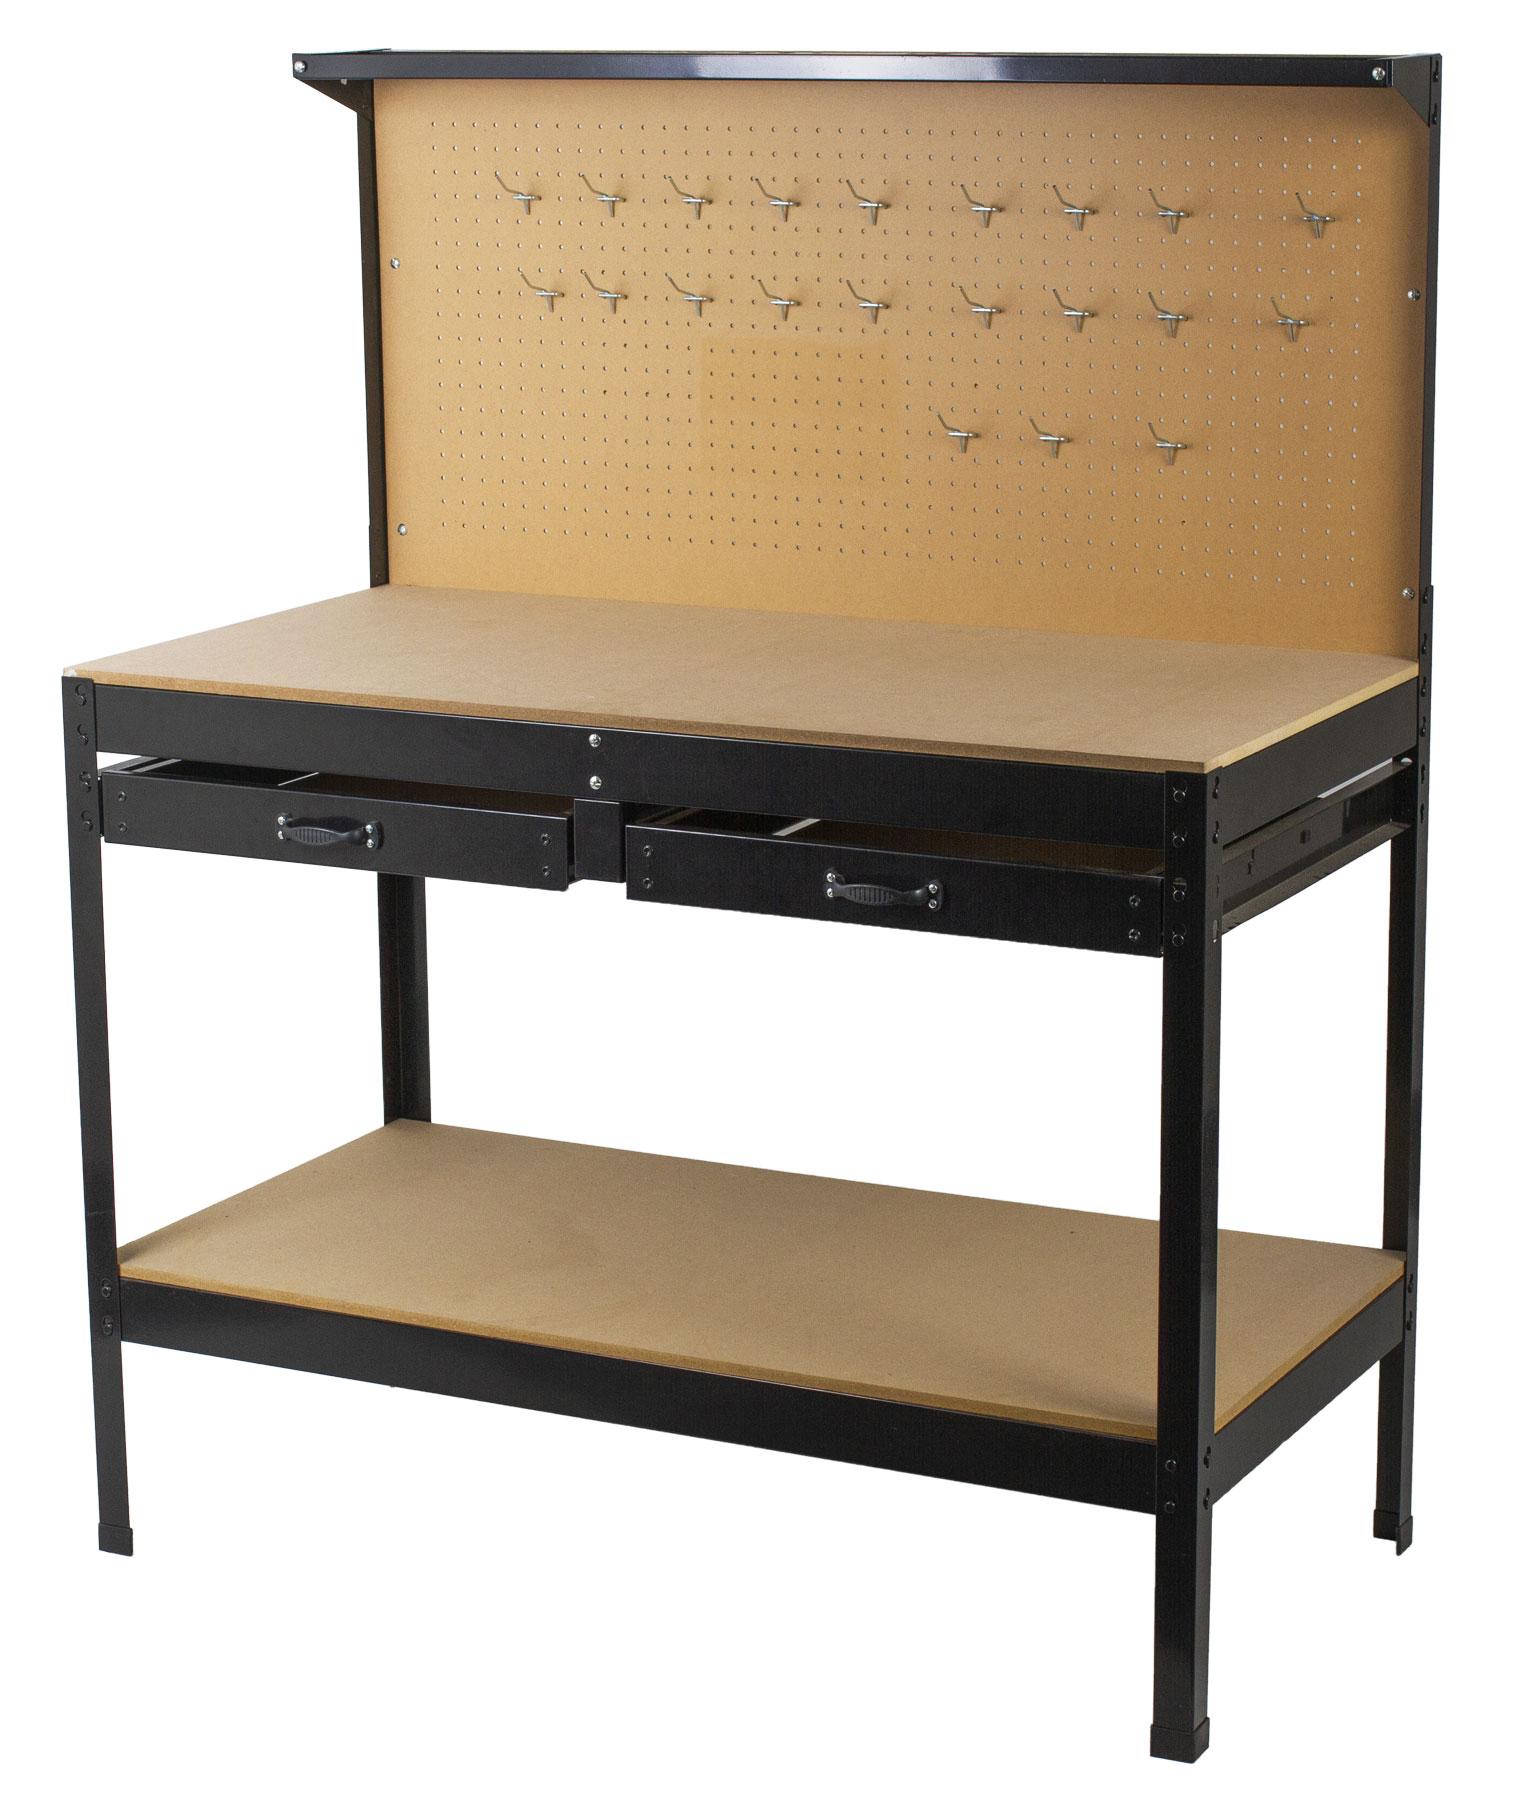 Pracovní stůl ECONOMY s děrovanou deskou, dvěma šuplíky a odkládacím prostorem - WT1002A